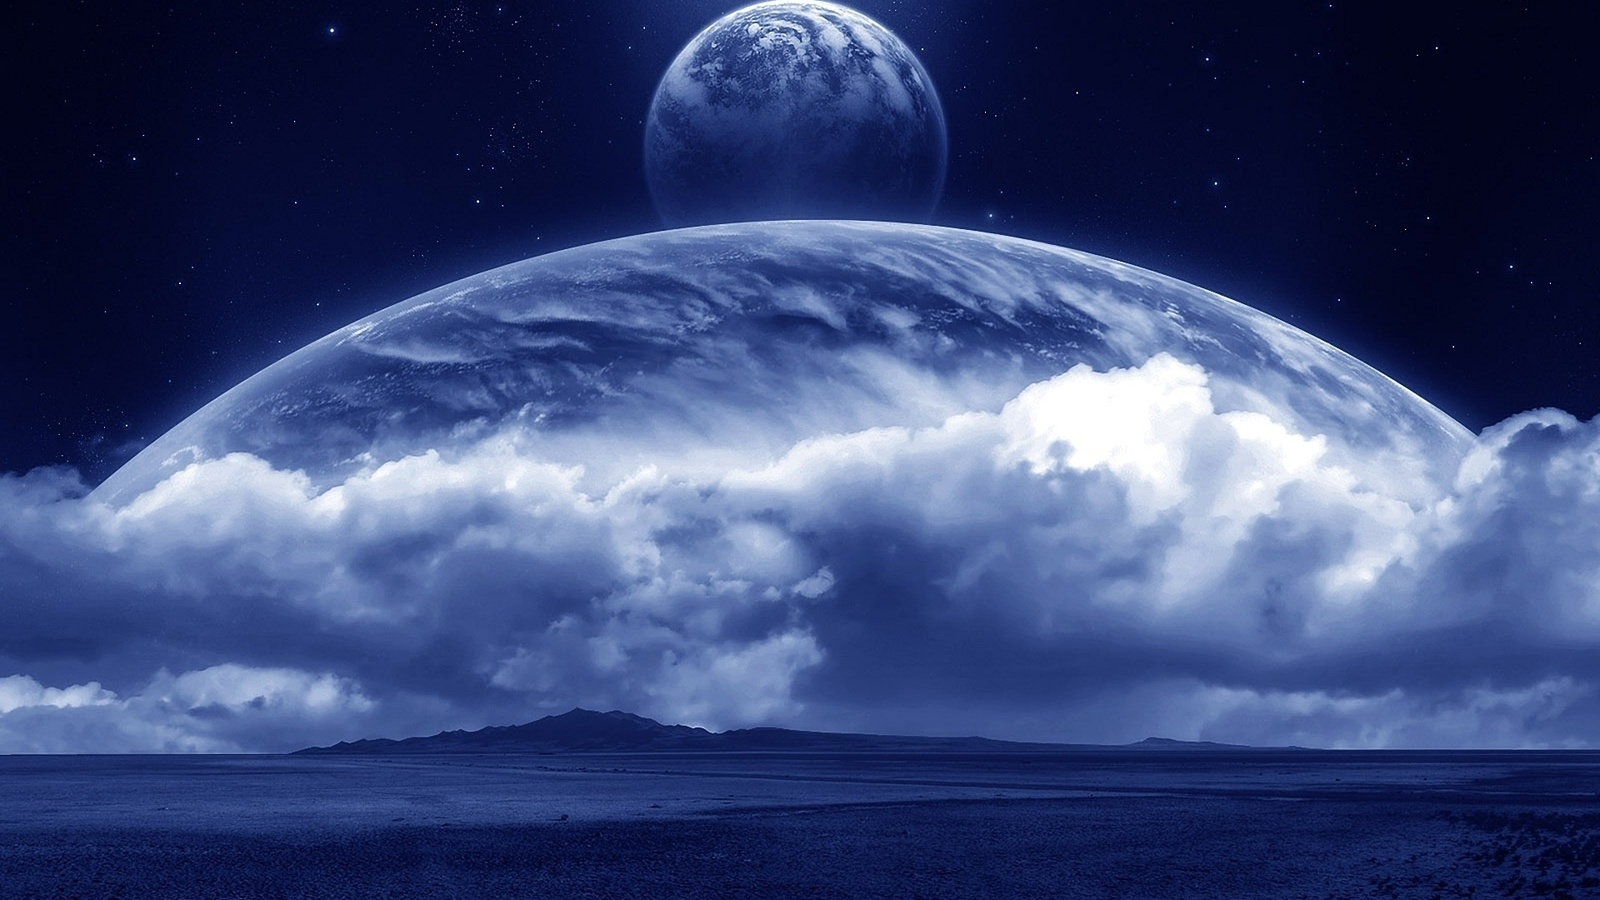 Красивые Картинки Космоса На Рабочий Стол В Хорошем Качестве